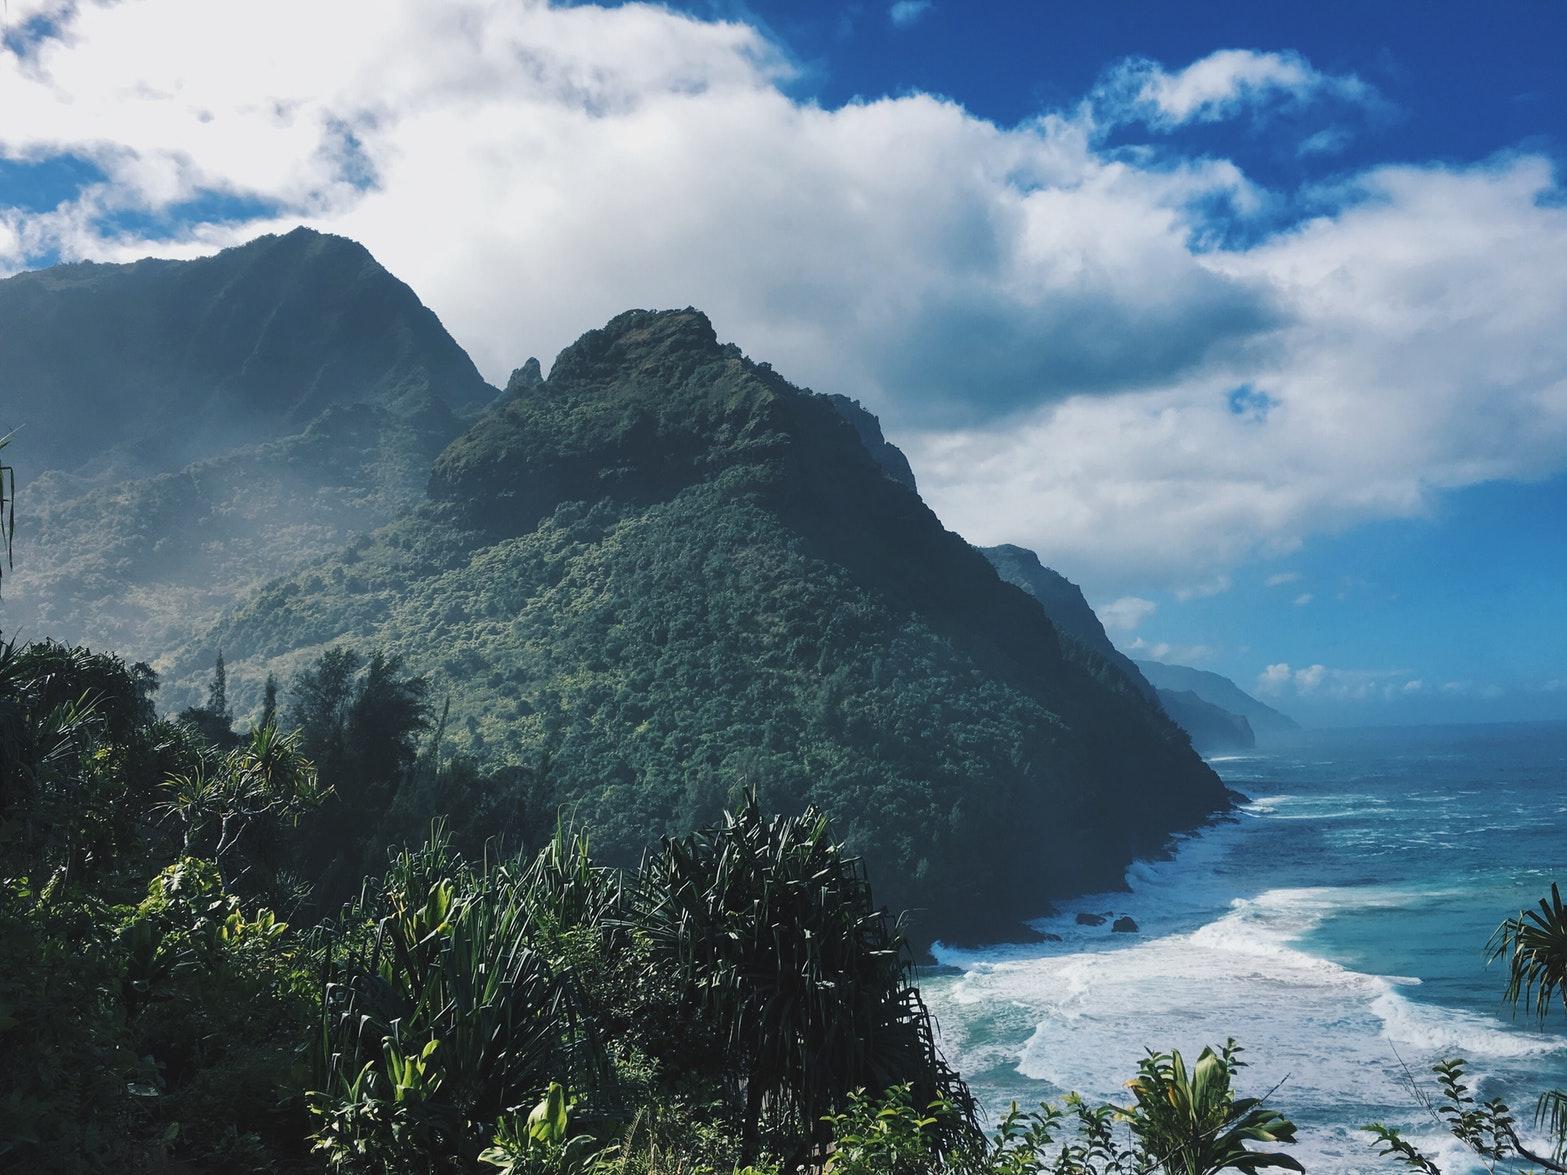 Ein Fotot von einer Tropen Insel mit blauem Himmel